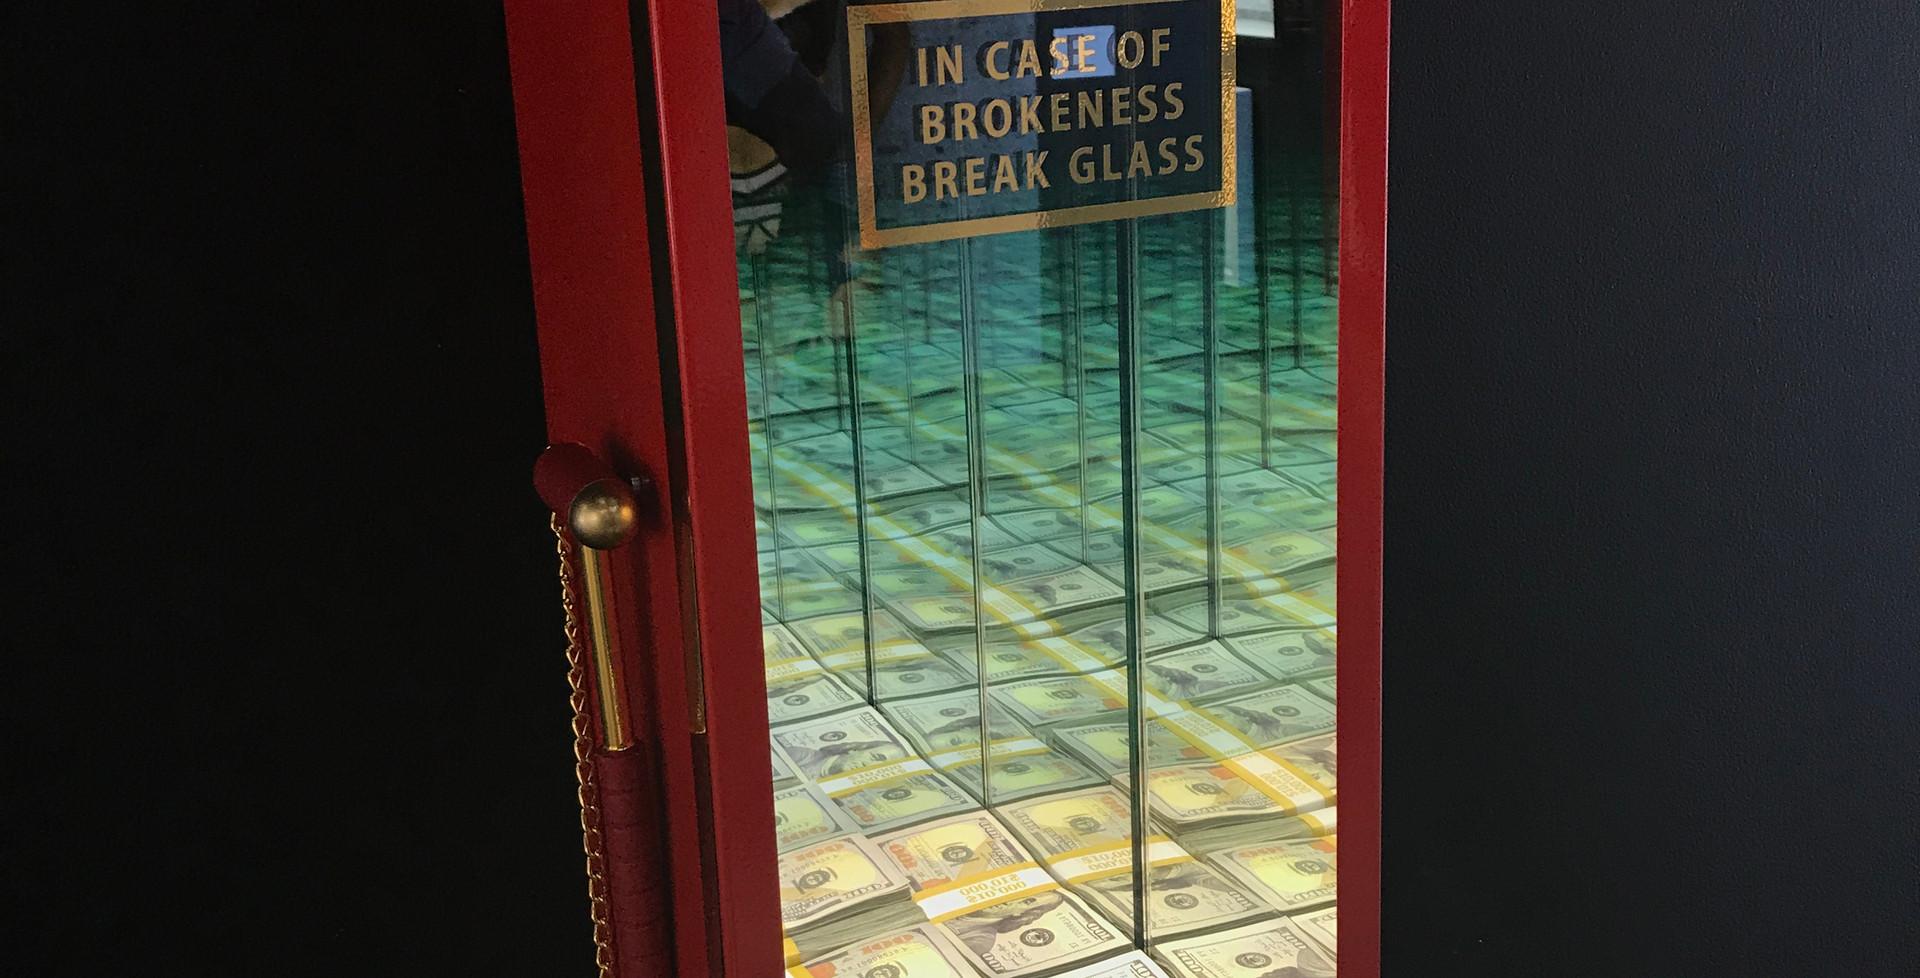 In Case of Brokeness